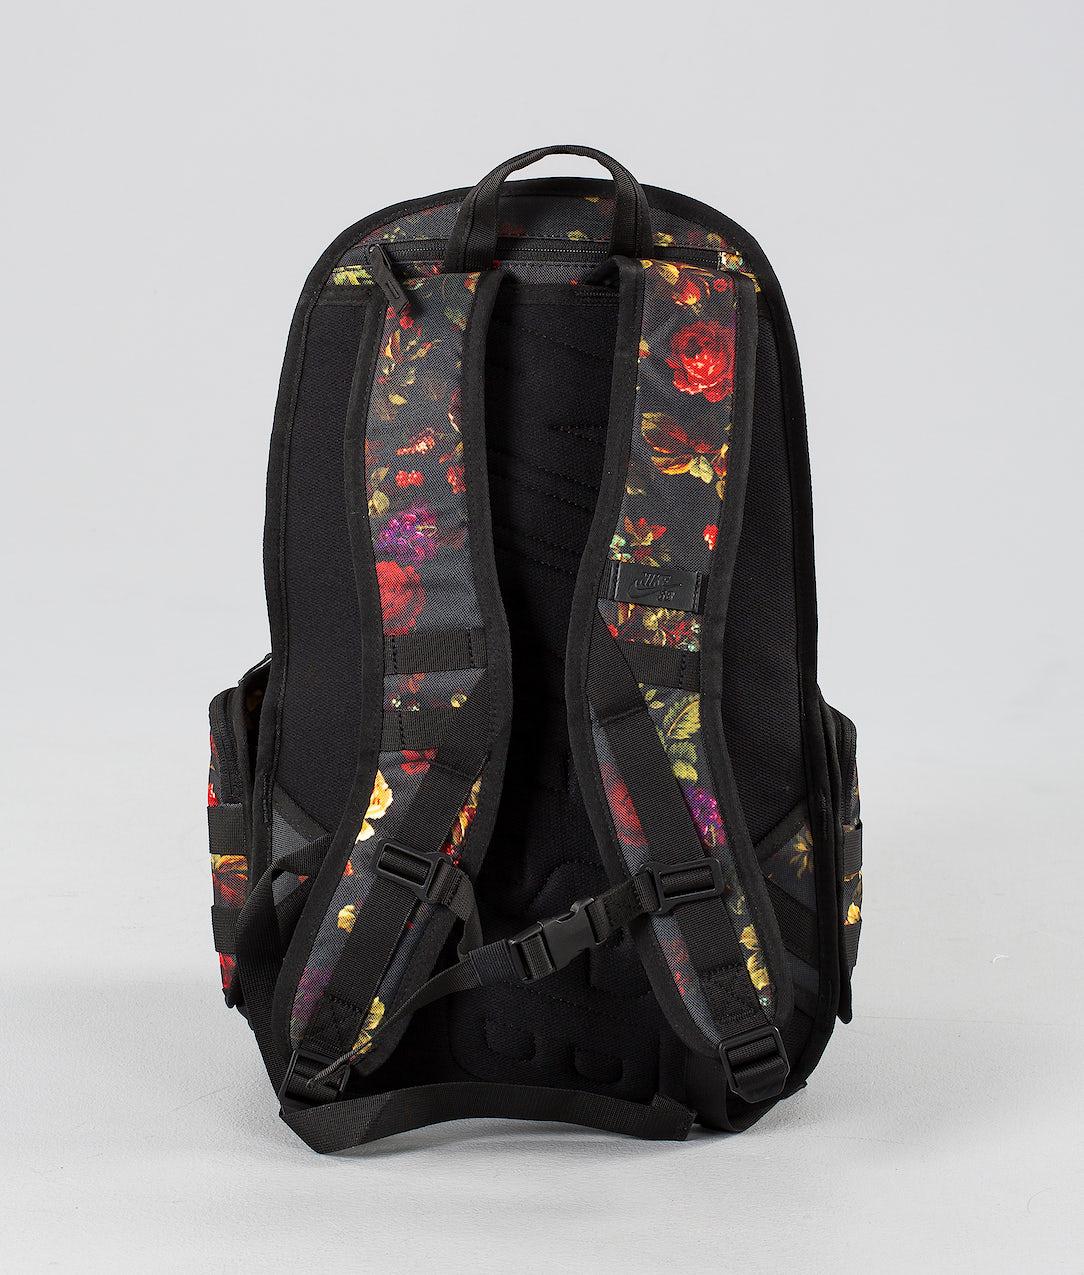 huge discount outlet online outlet Nike Rpm Graphic Bag Black/Black/Black